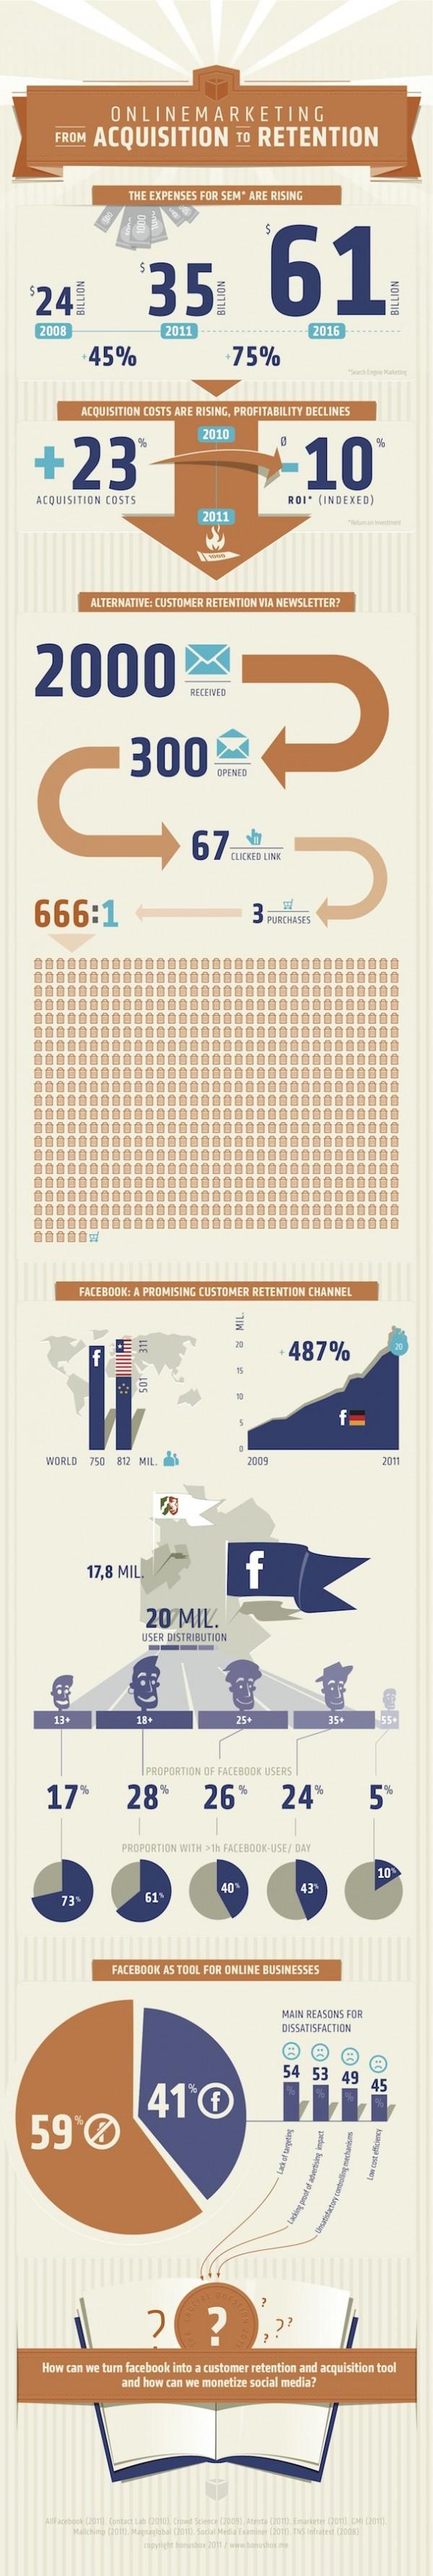 13. Online Marketing